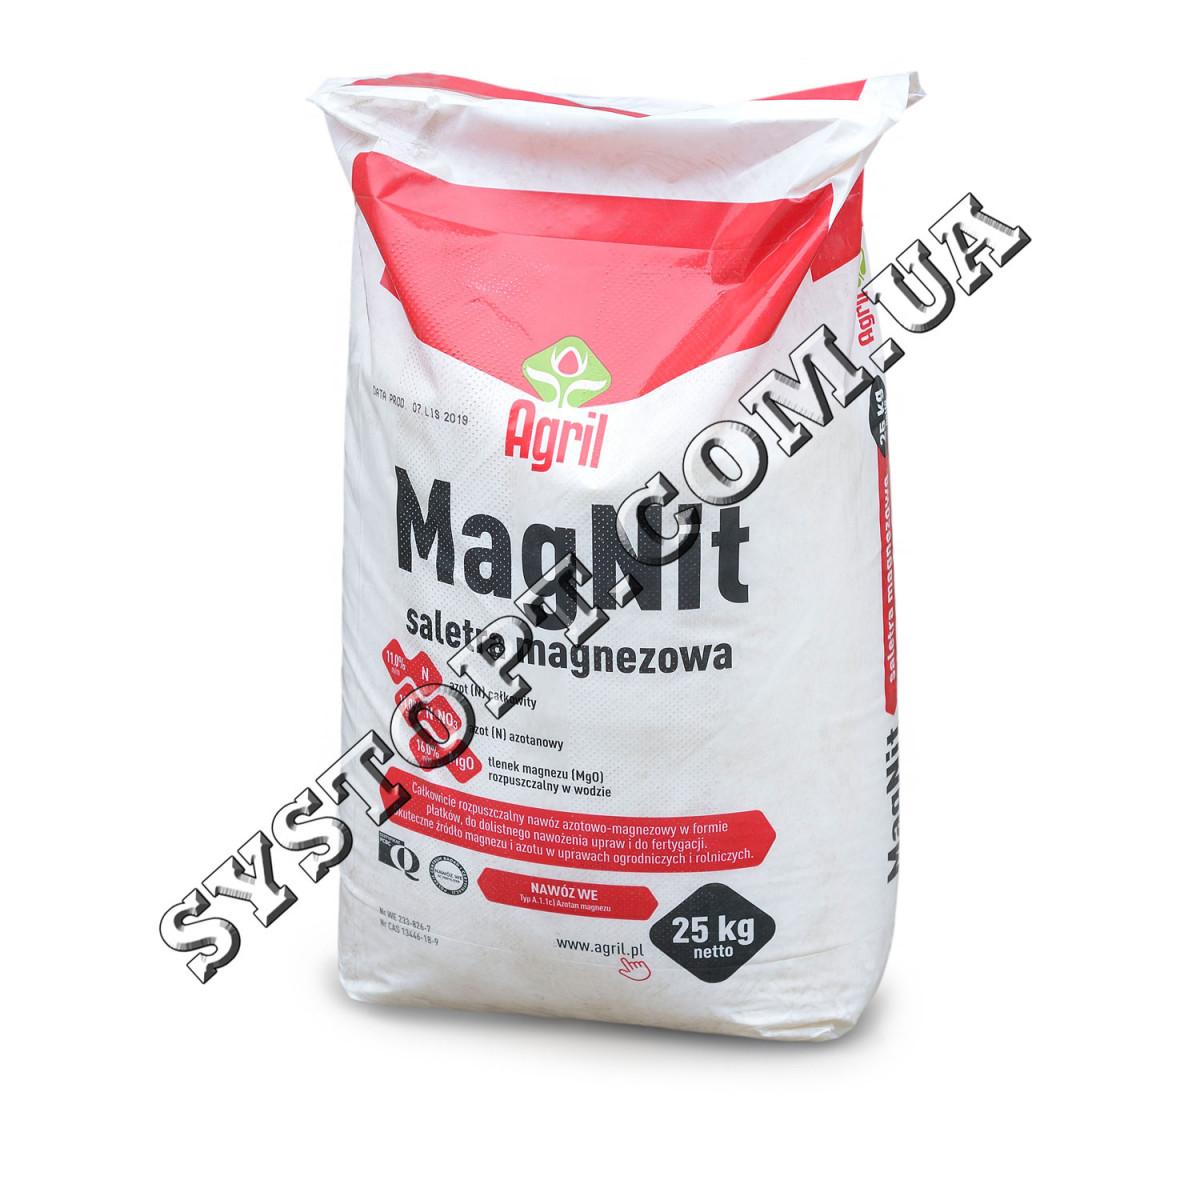 Нитрат магния (магниевая селитра, магний азотнокислый)